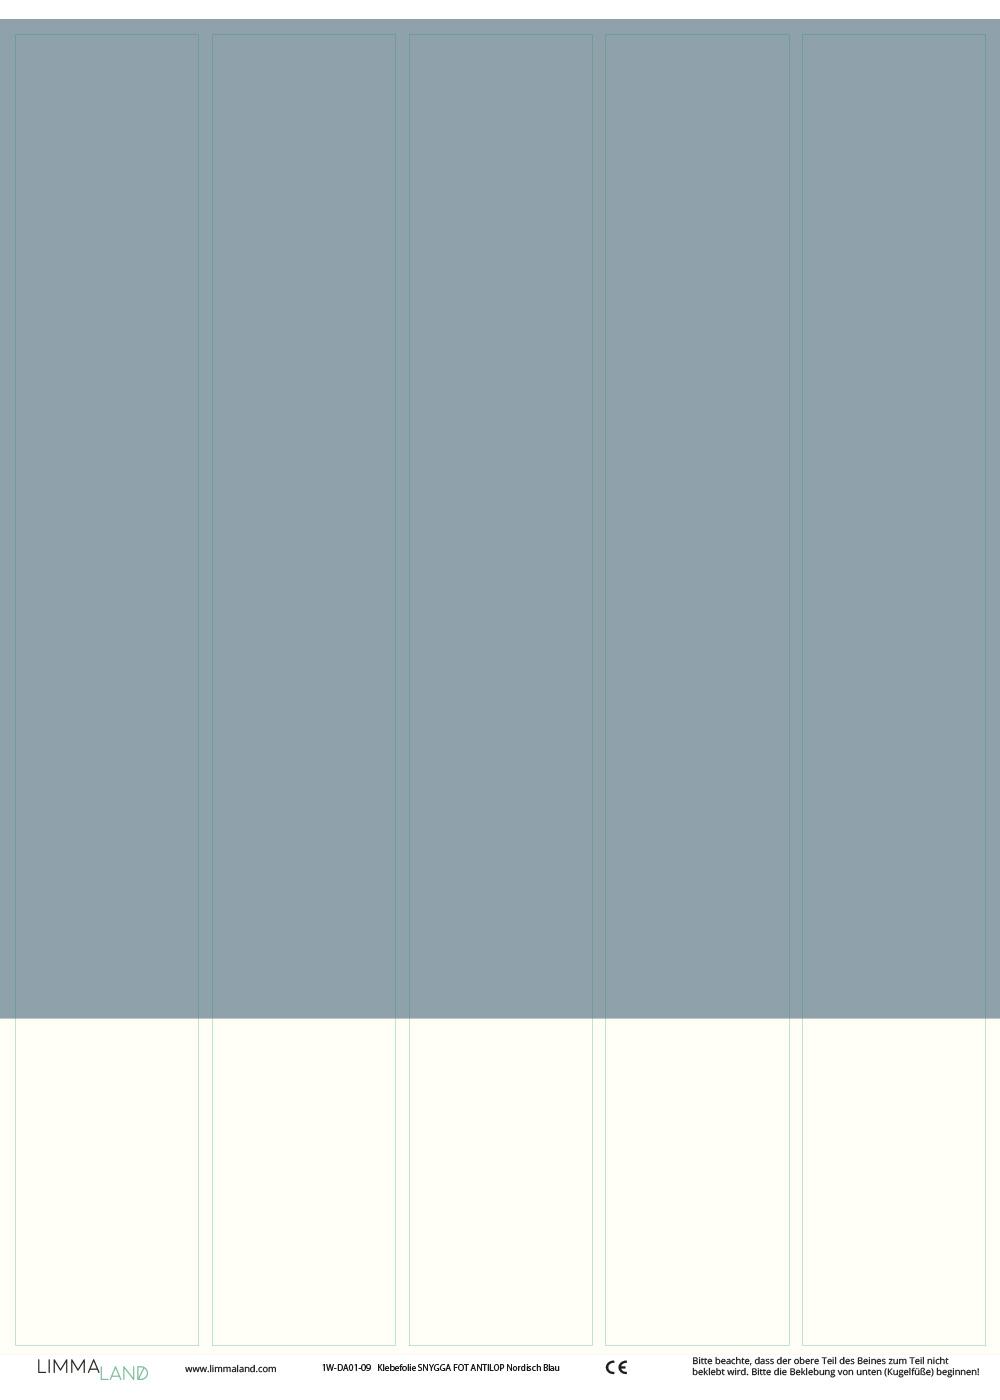 Stuhlbeinklebefolie Antilop Nordisch blau Druckvorlage